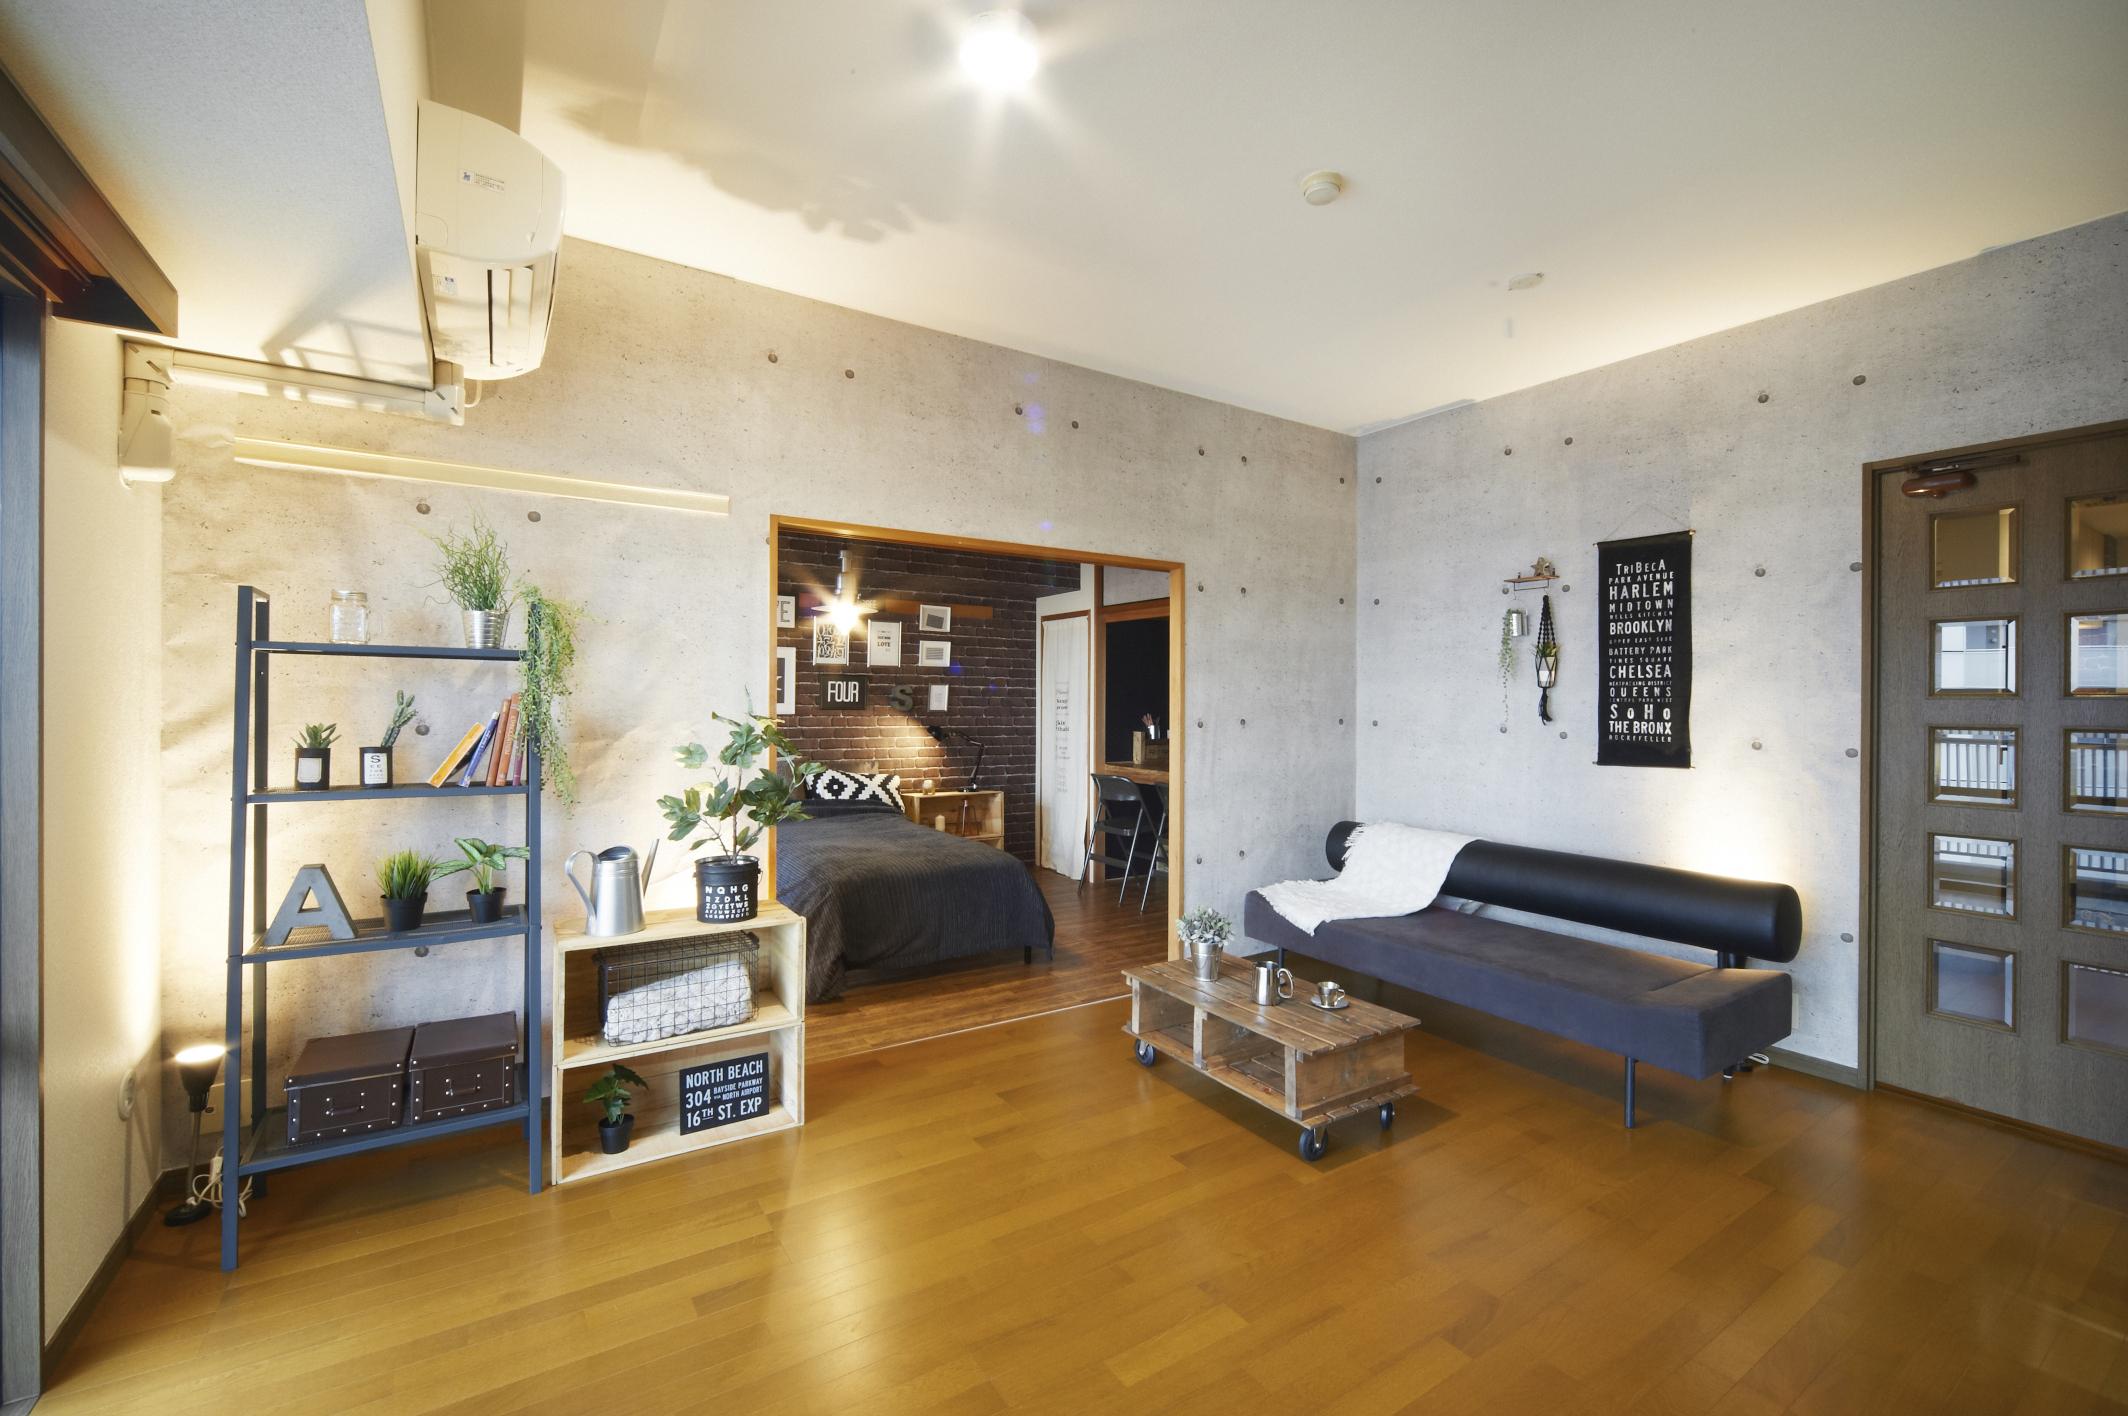 【JKK東京×RoomClip】RoomClip人気ユーザーさんが監修した原状回復可能なプチリノベのお部屋大公開!part1[sponsored]